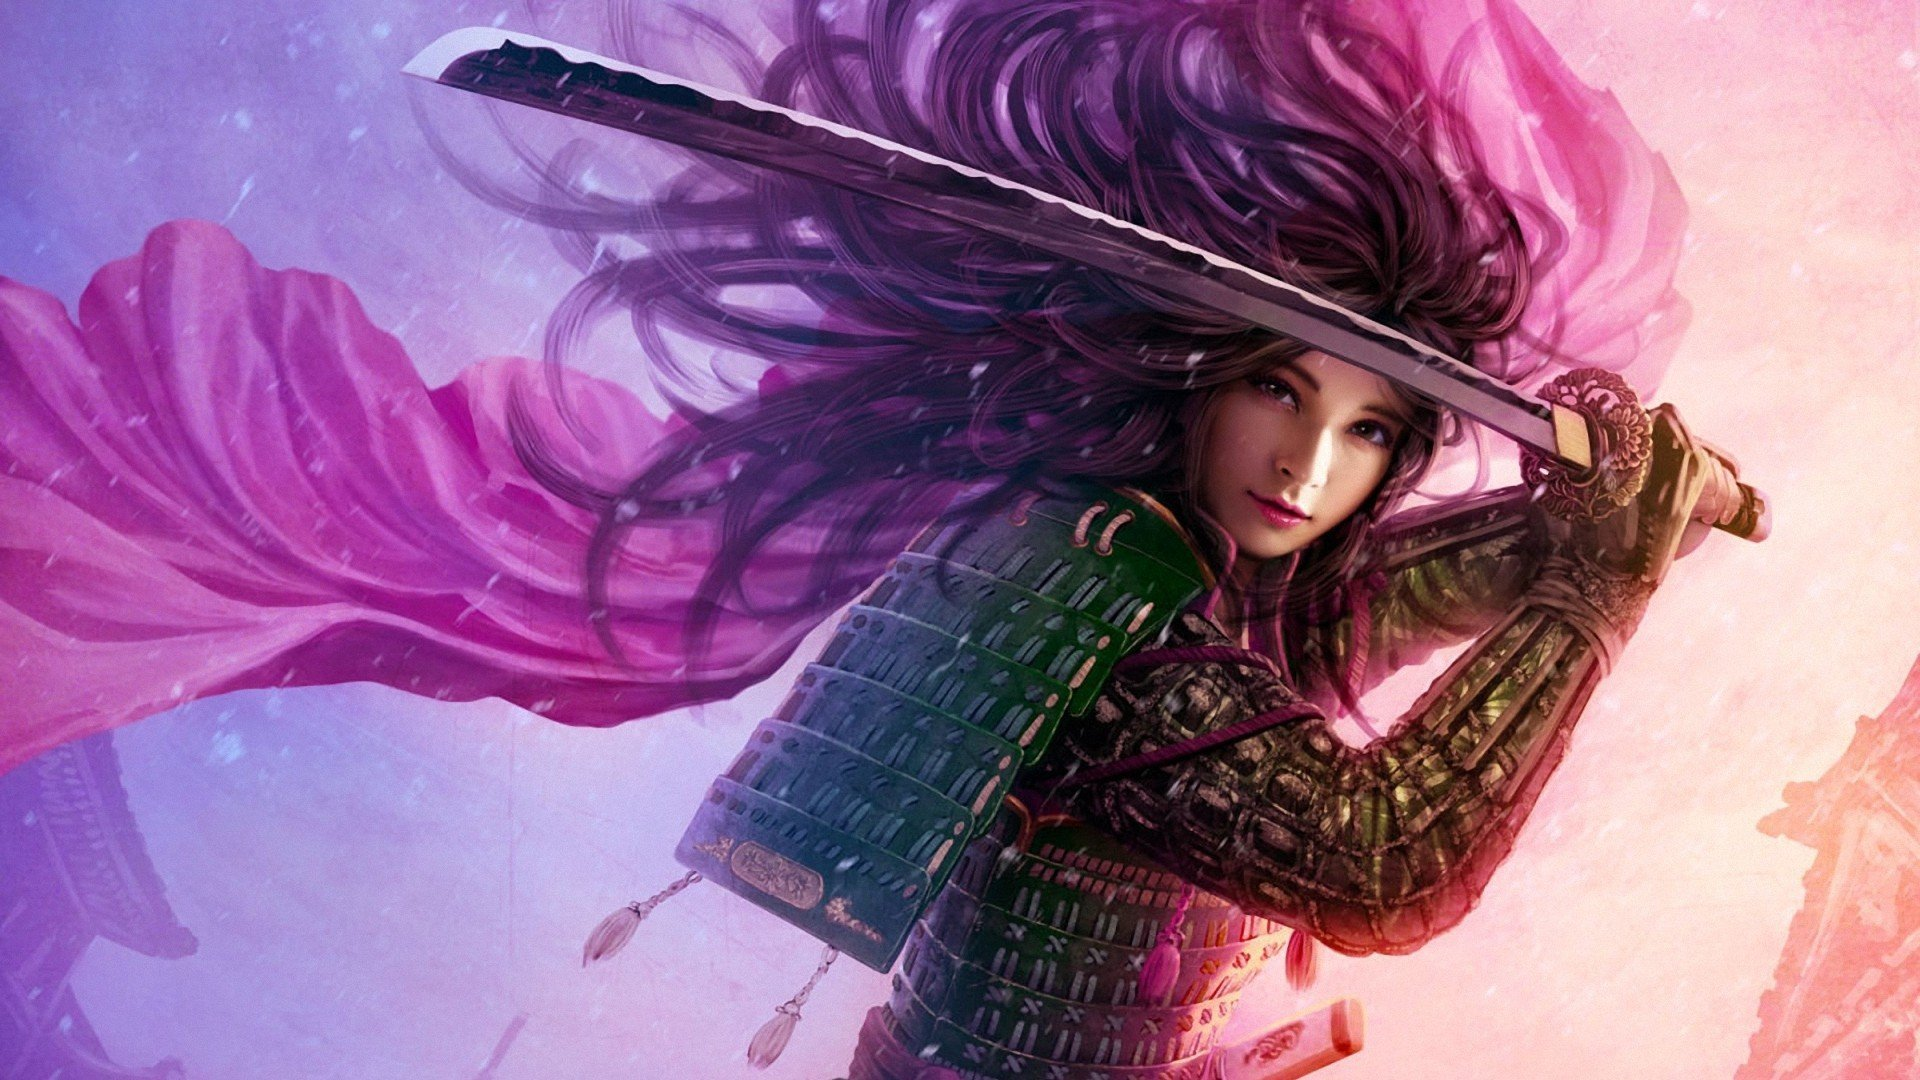 Women abstract samurai wallpaper 1920x1080 252610 WallpaperUP 1920x1080